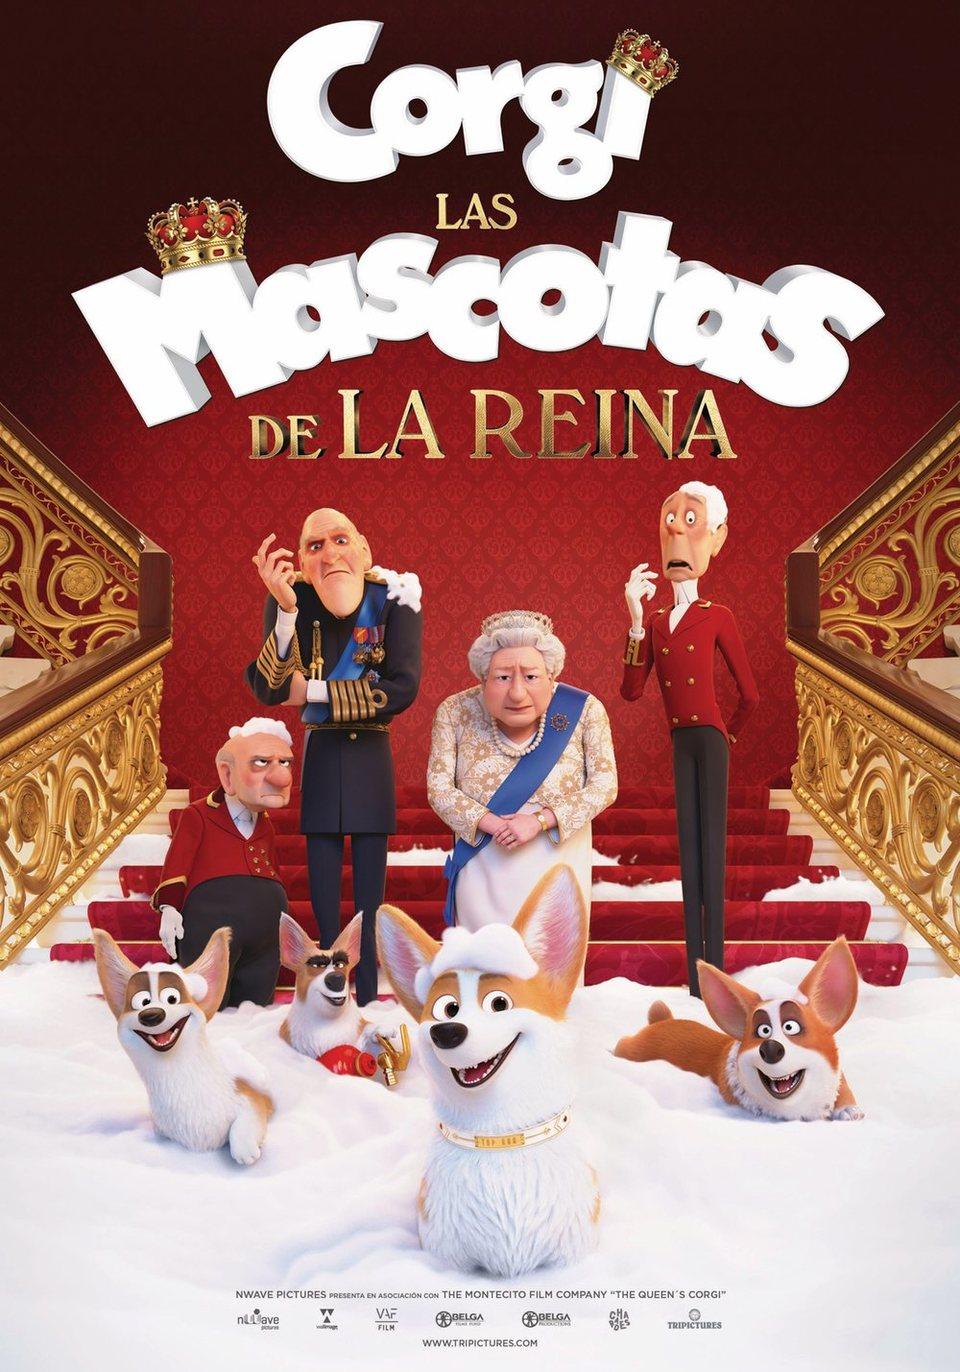 Cartel Corgi, las mascotas de la reina de 'Corgi, las mascotas de la reina'